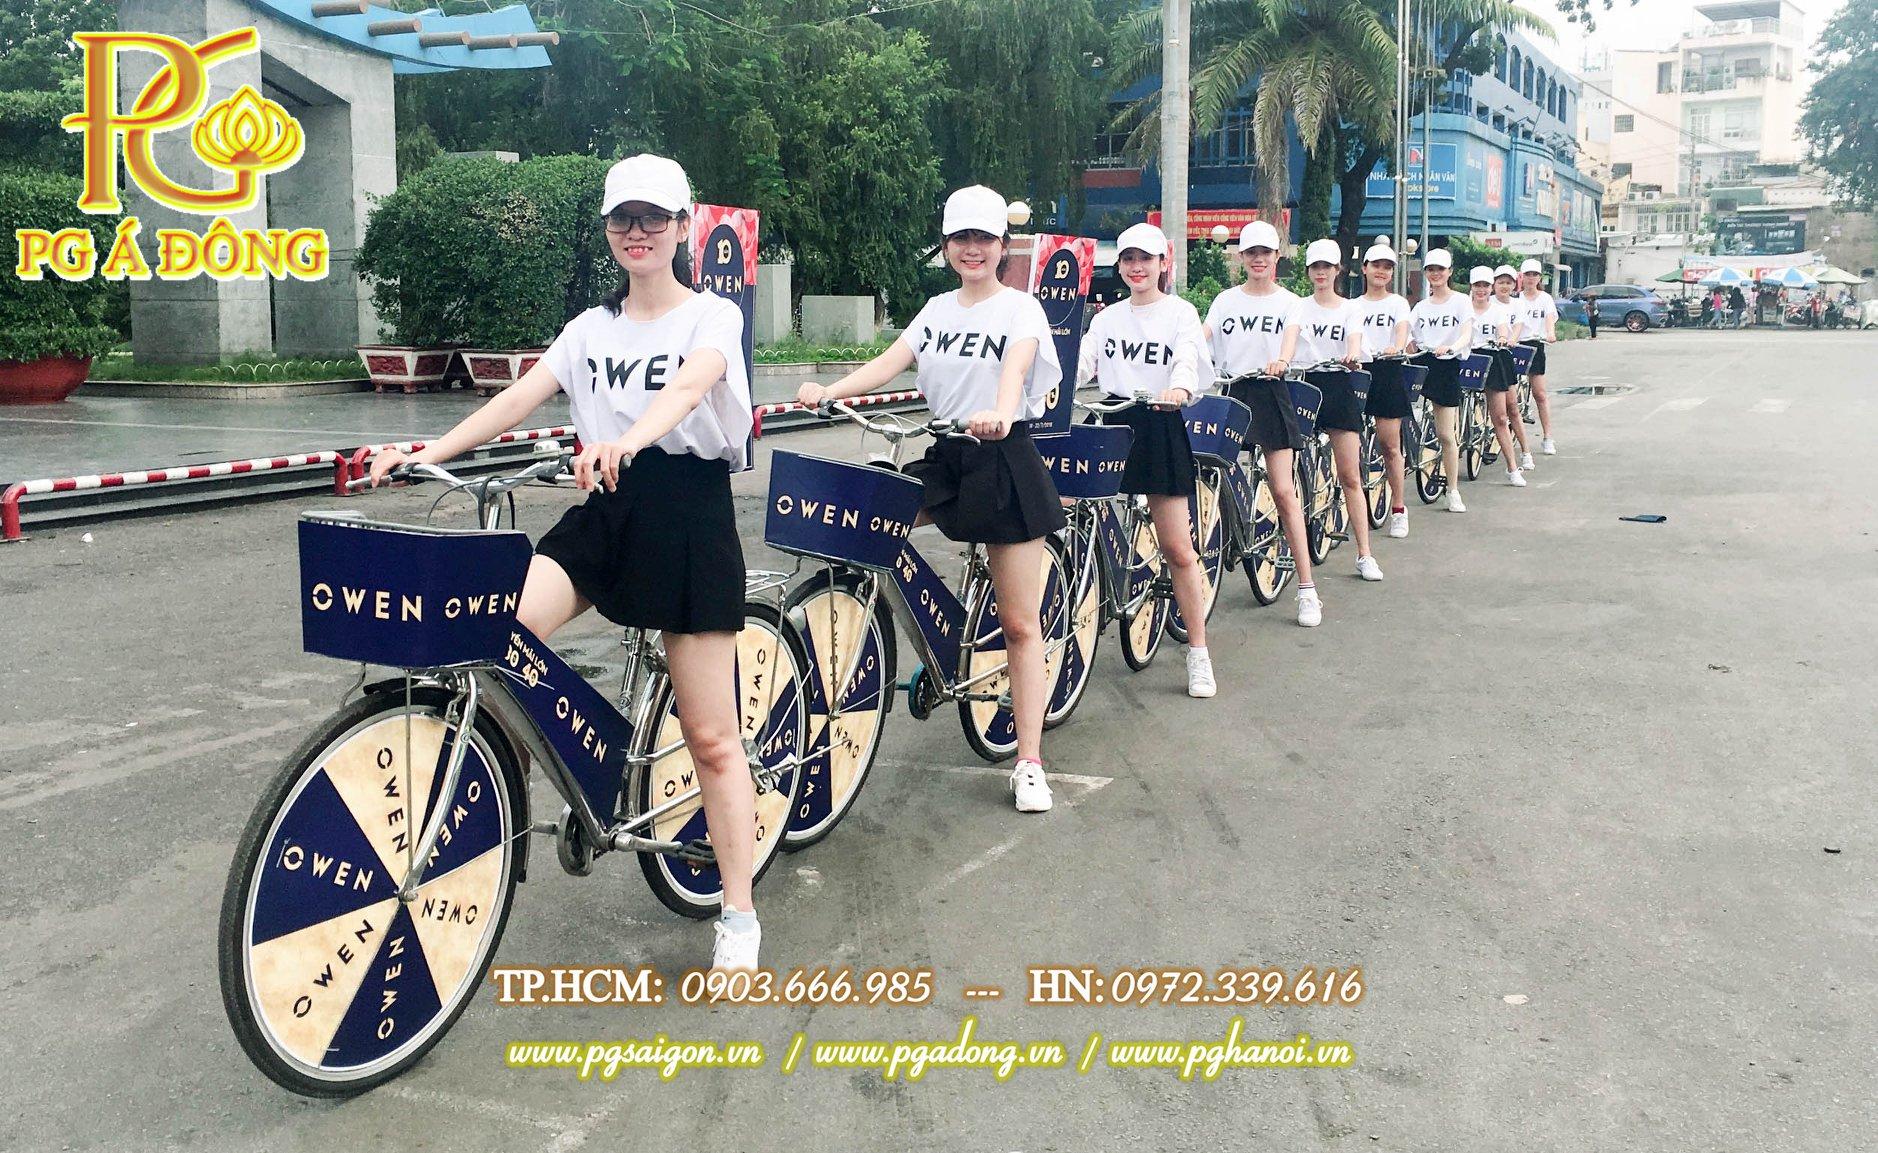 Tổ chức chạy roadshow xe đạp Owen